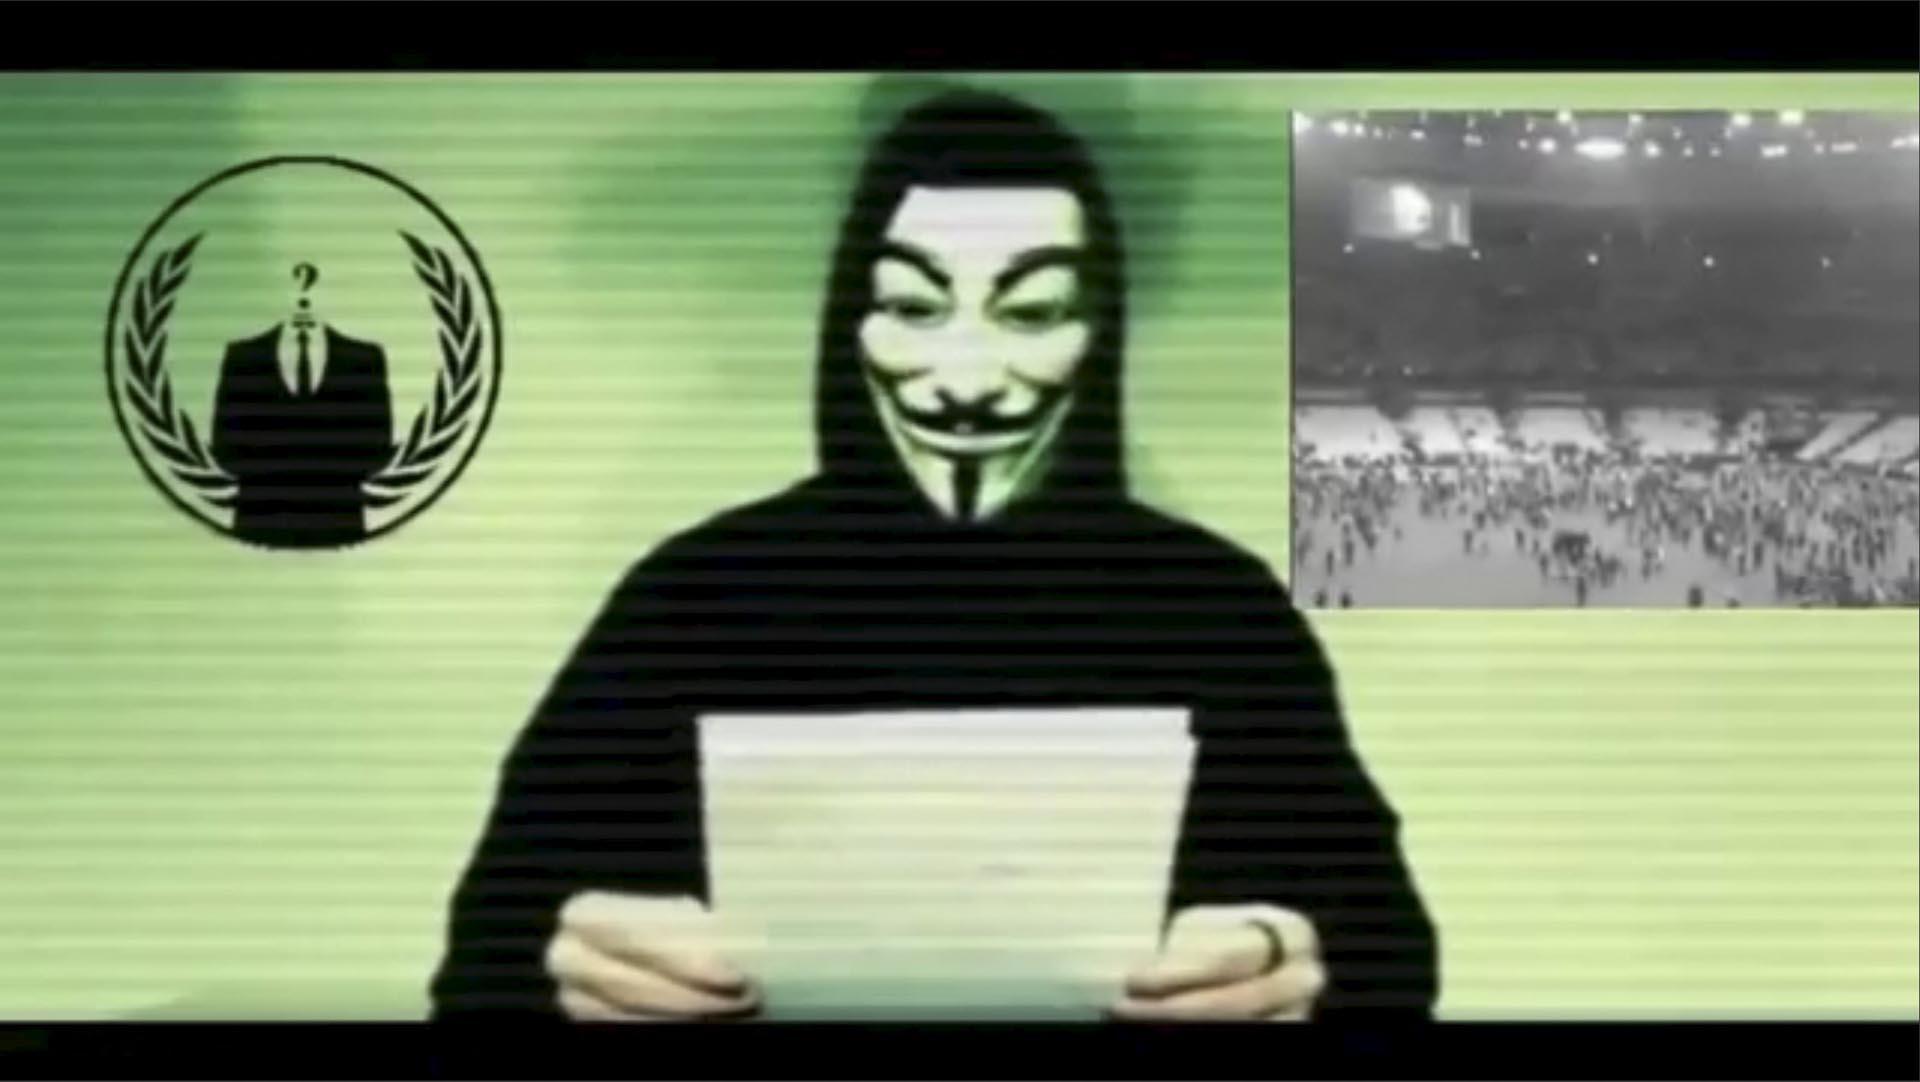 El portavoz de la red de hackers aseguró vendrán ciberataques masivos